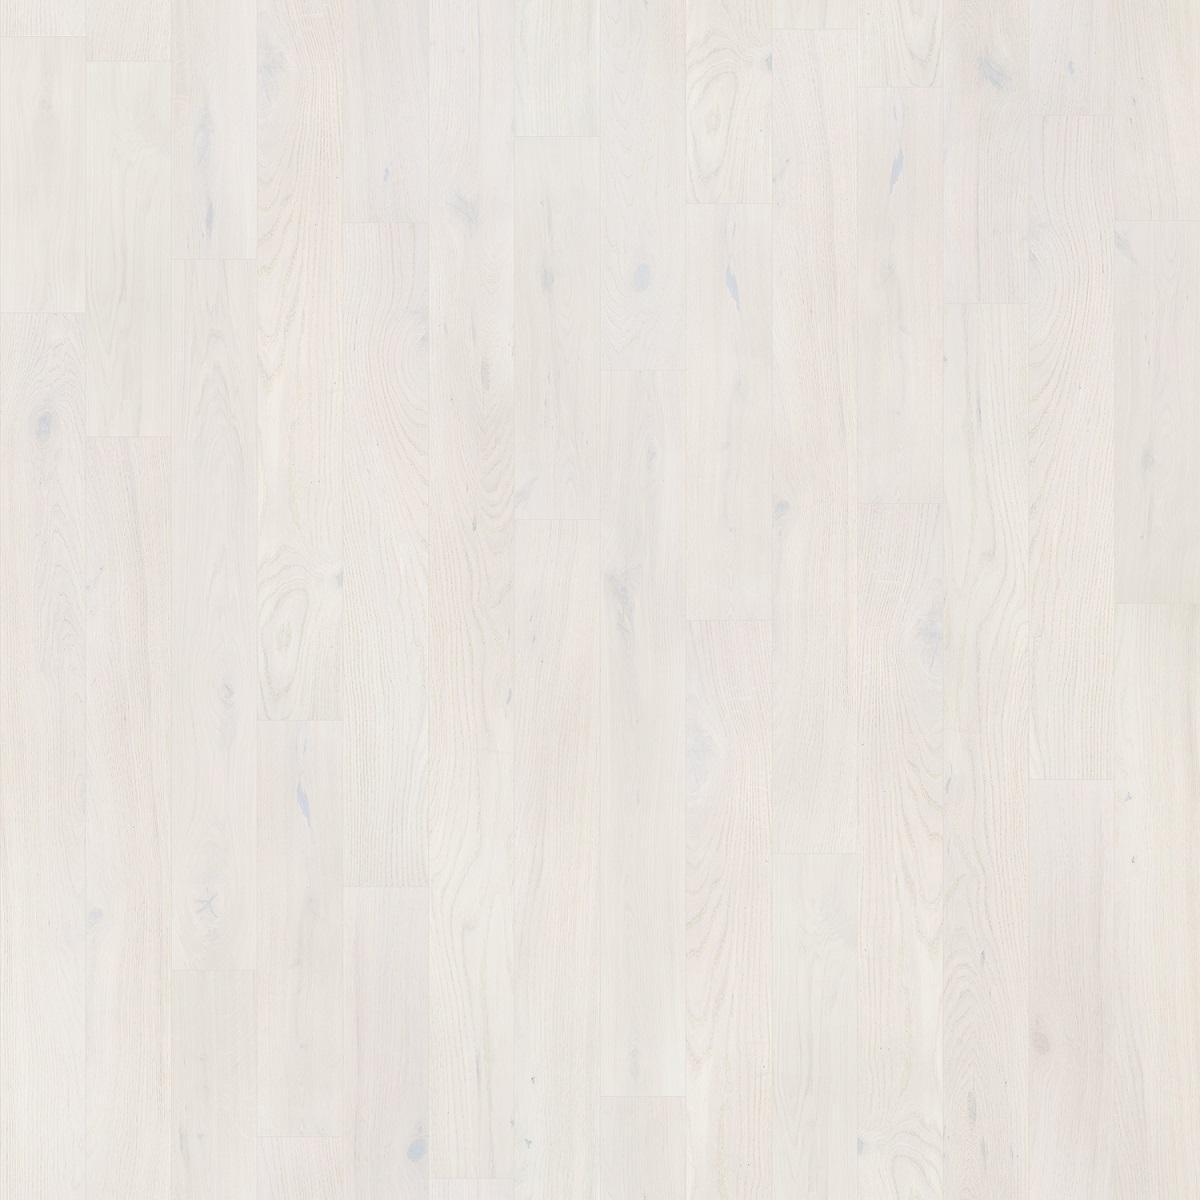 Массивная доска Coswick Дуб Кристально Белый